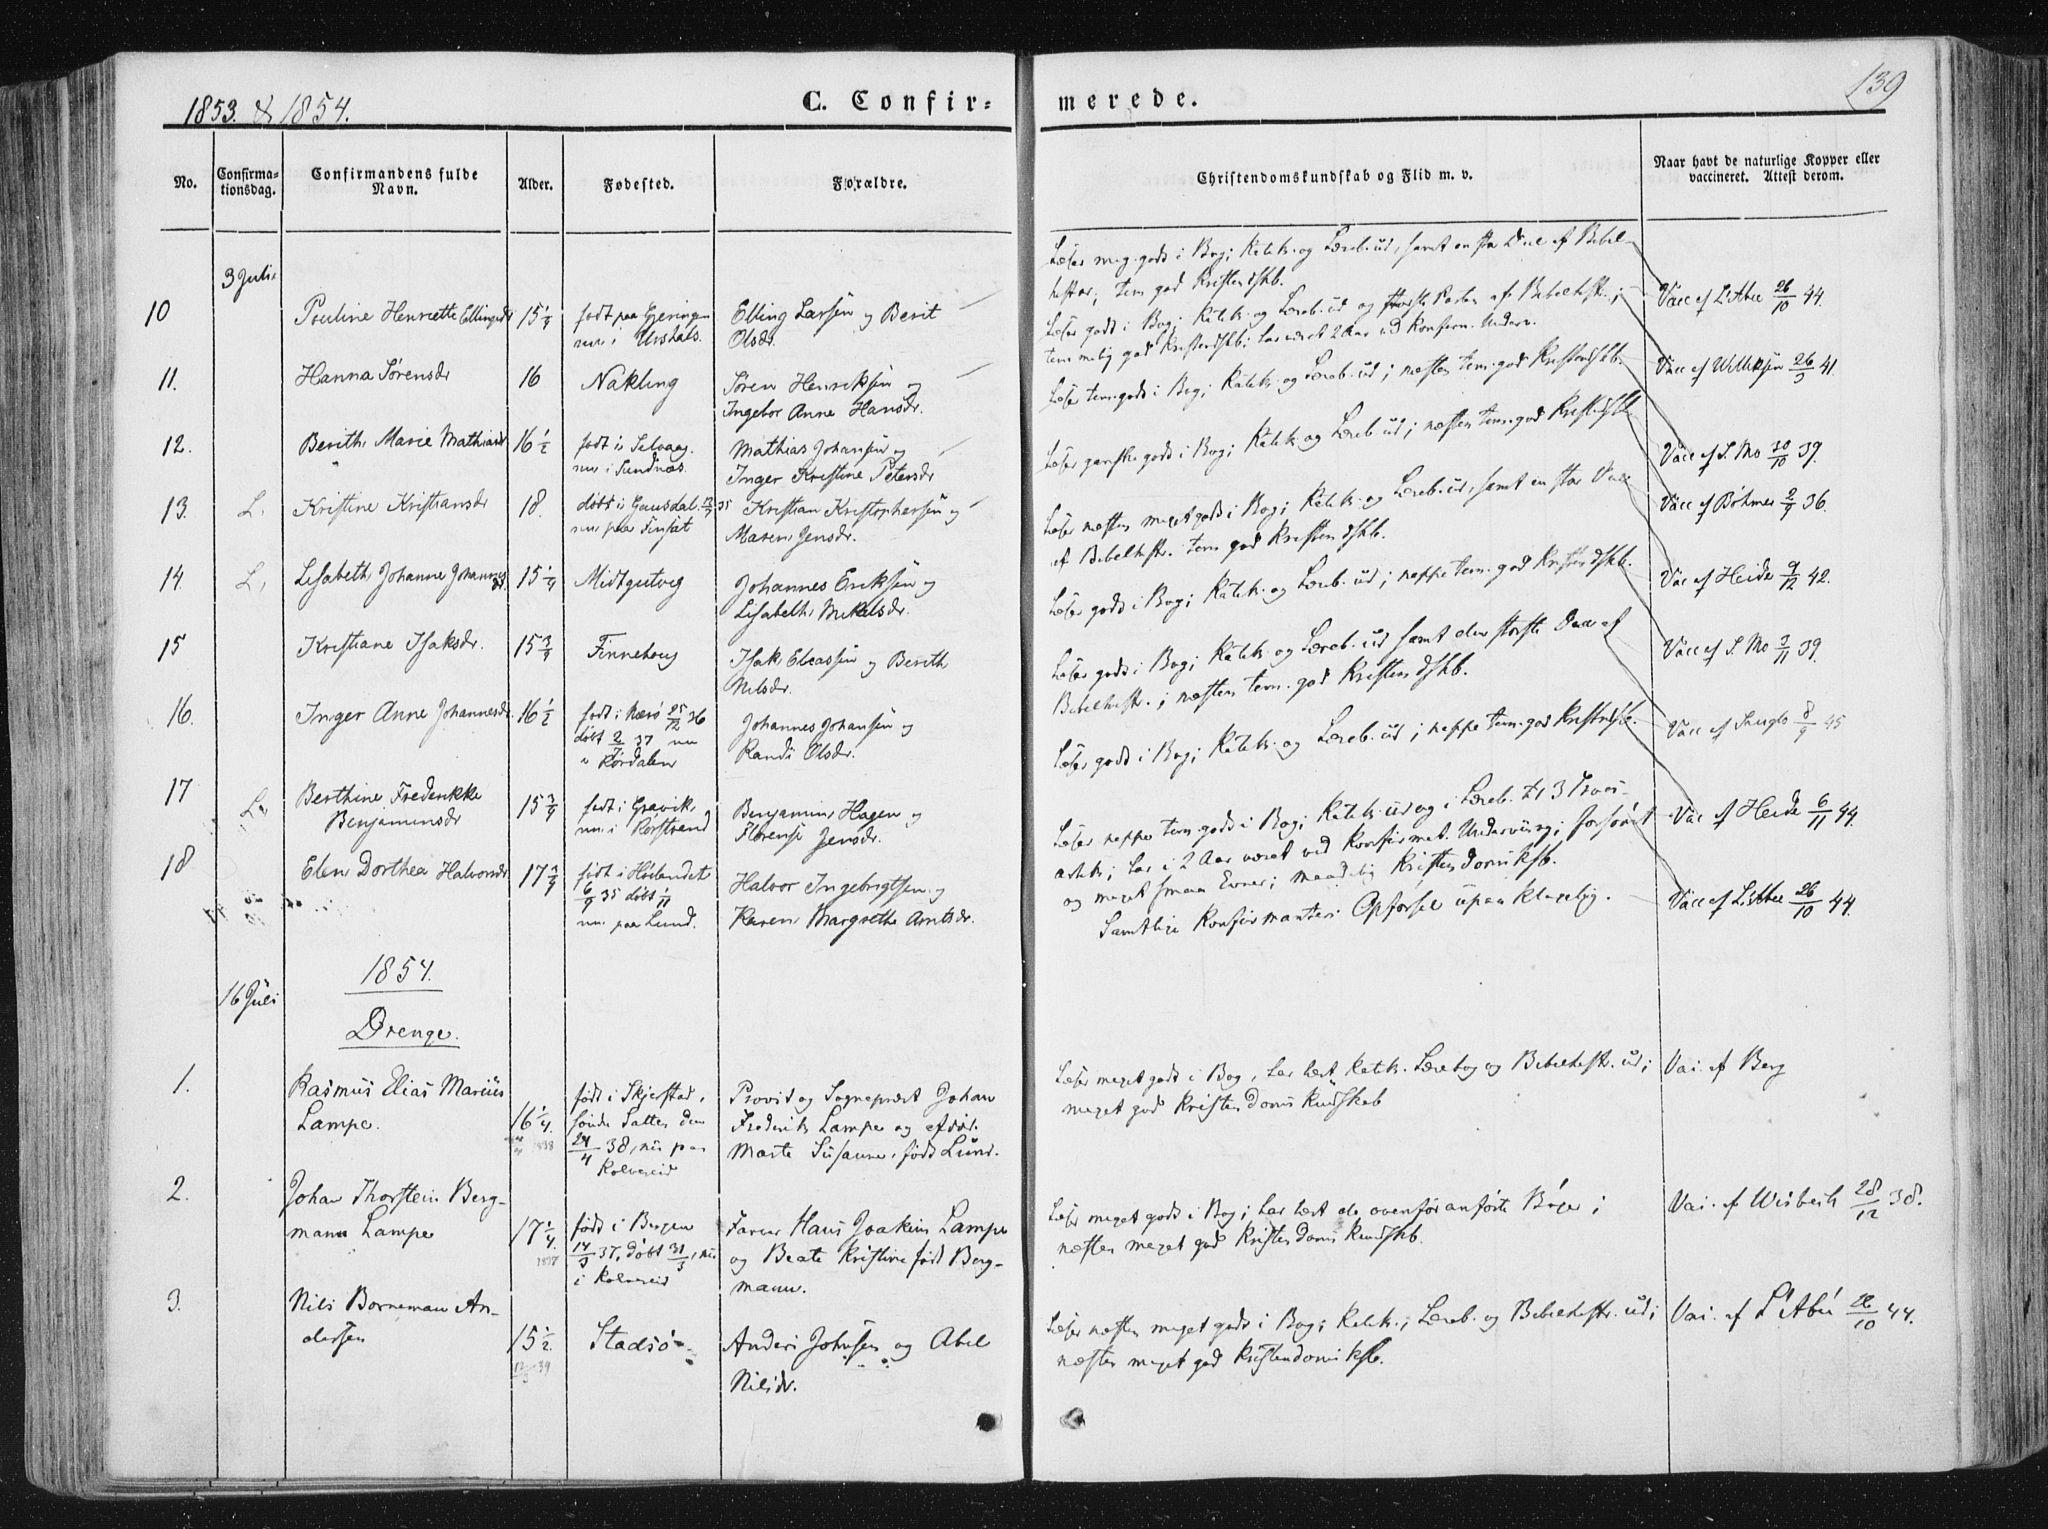 SAT, Ministerialprotokoller, klokkerbøker og fødselsregistre - Nord-Trøndelag, 780/L0640: Ministerialbok nr. 780A05, 1845-1856, s. 139